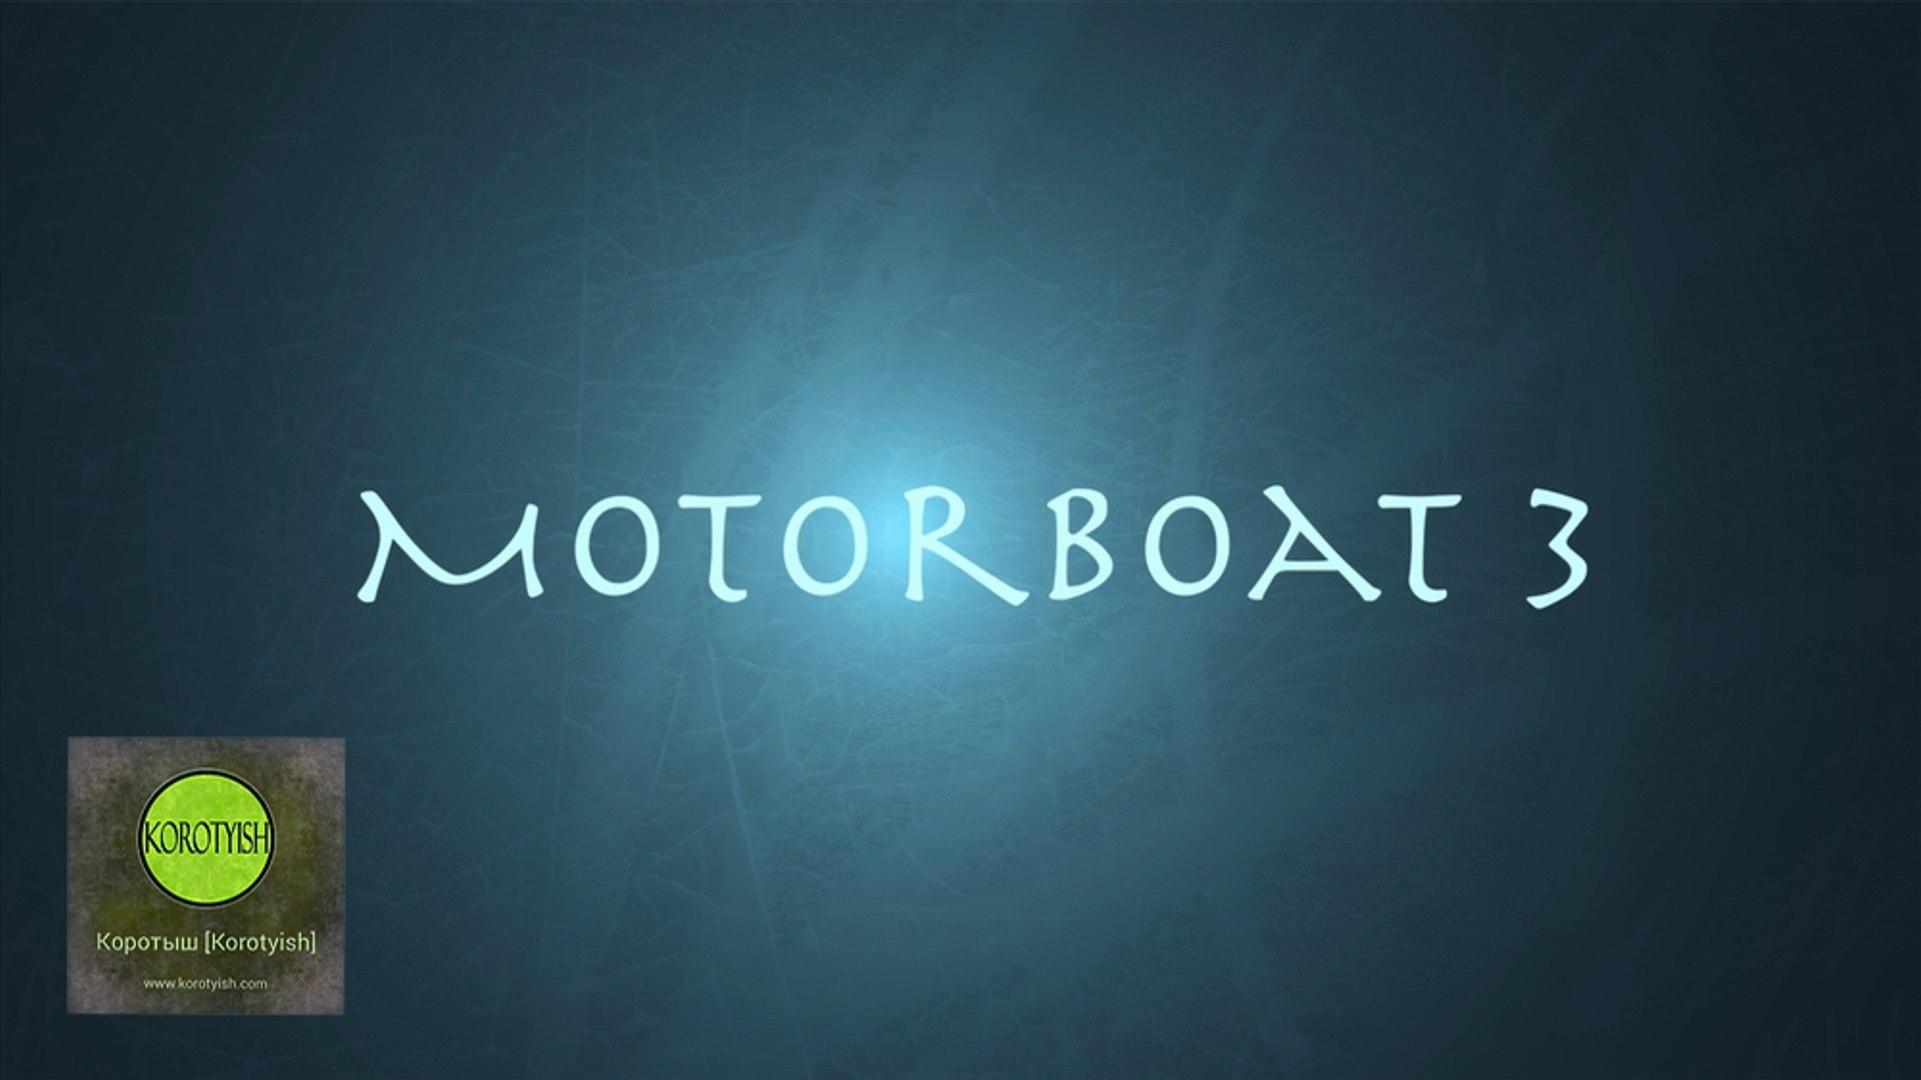 Motorboat-3, Short Film (Короткометражный фильм